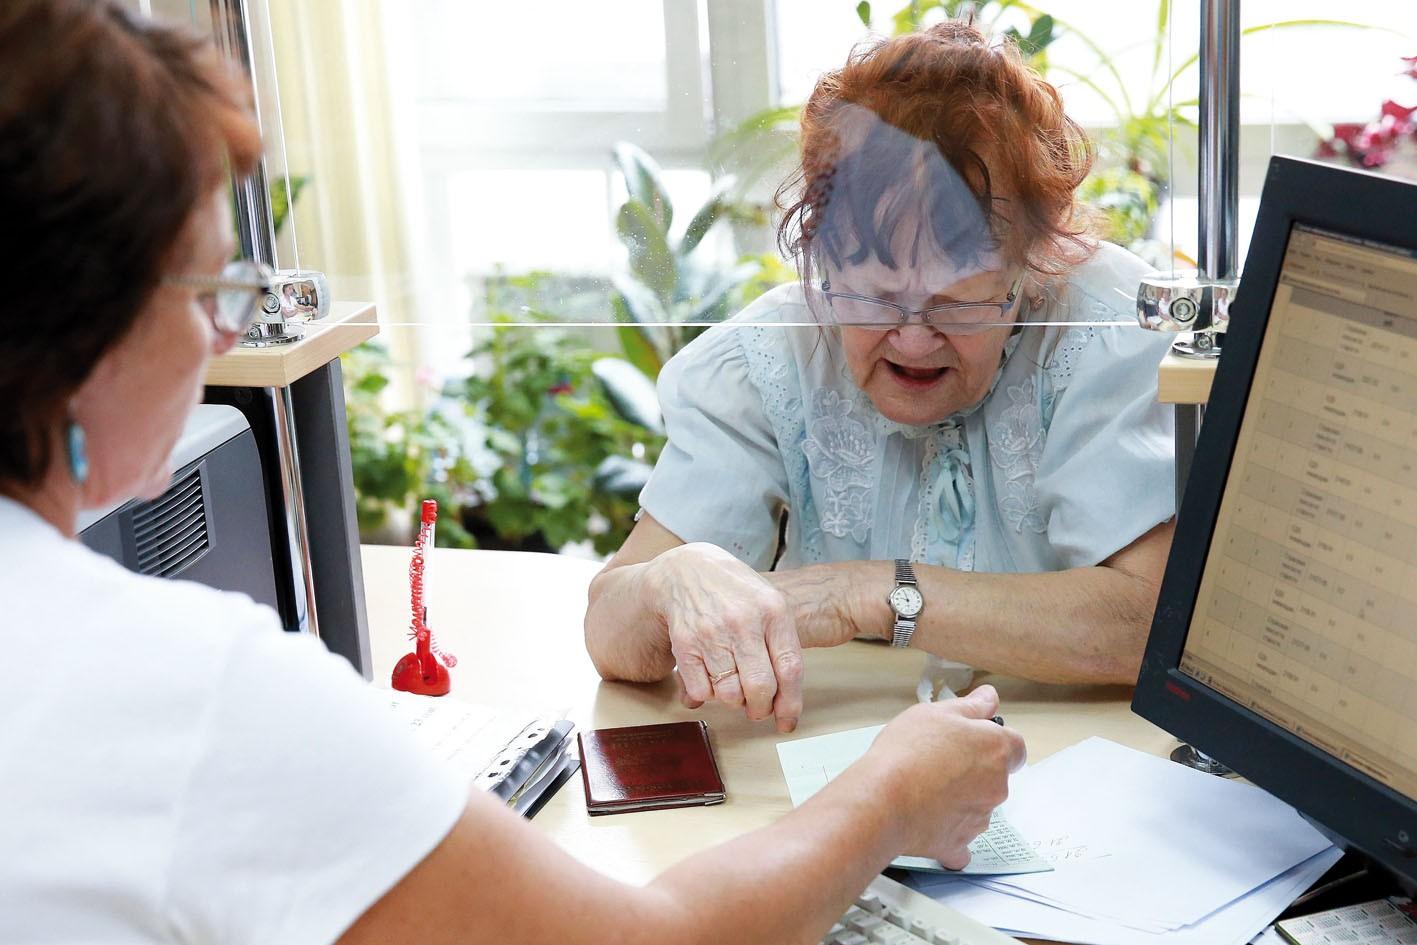 Тверским пенсионерам могут приостановить денежные выплаты